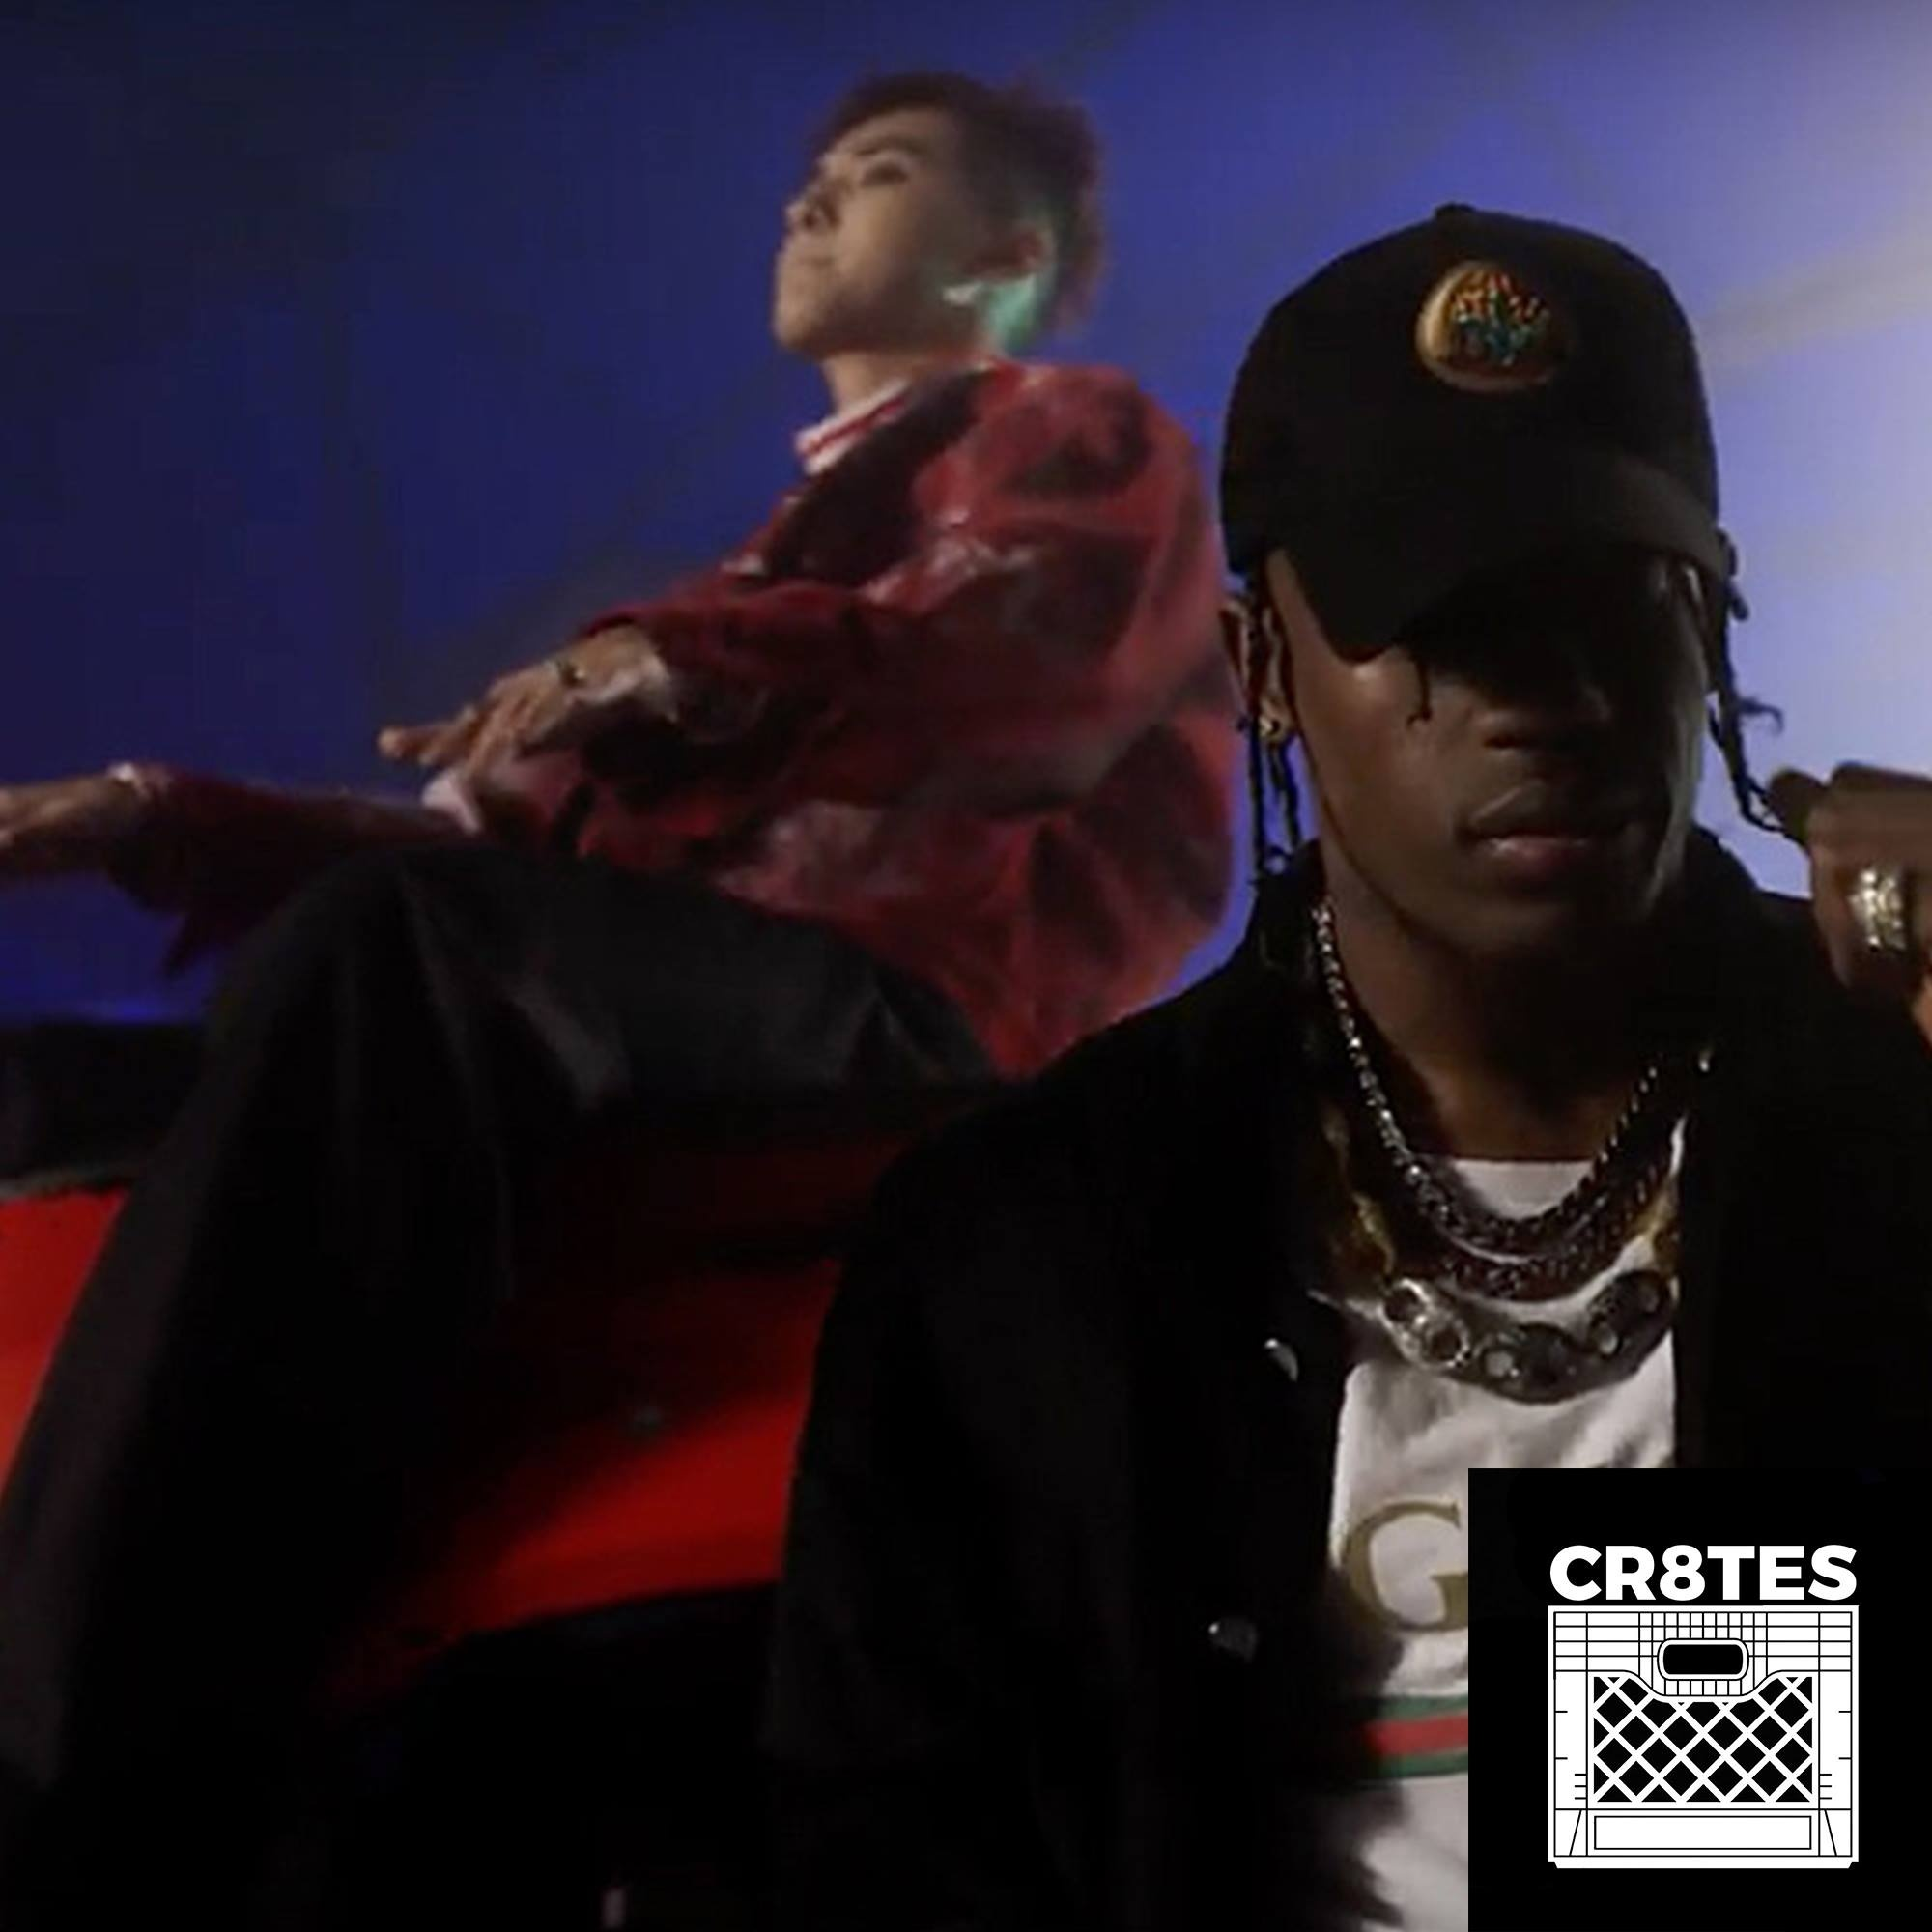 Kris Wu - Deserve ft. Travis Scott (CR8TES MINI KIT)